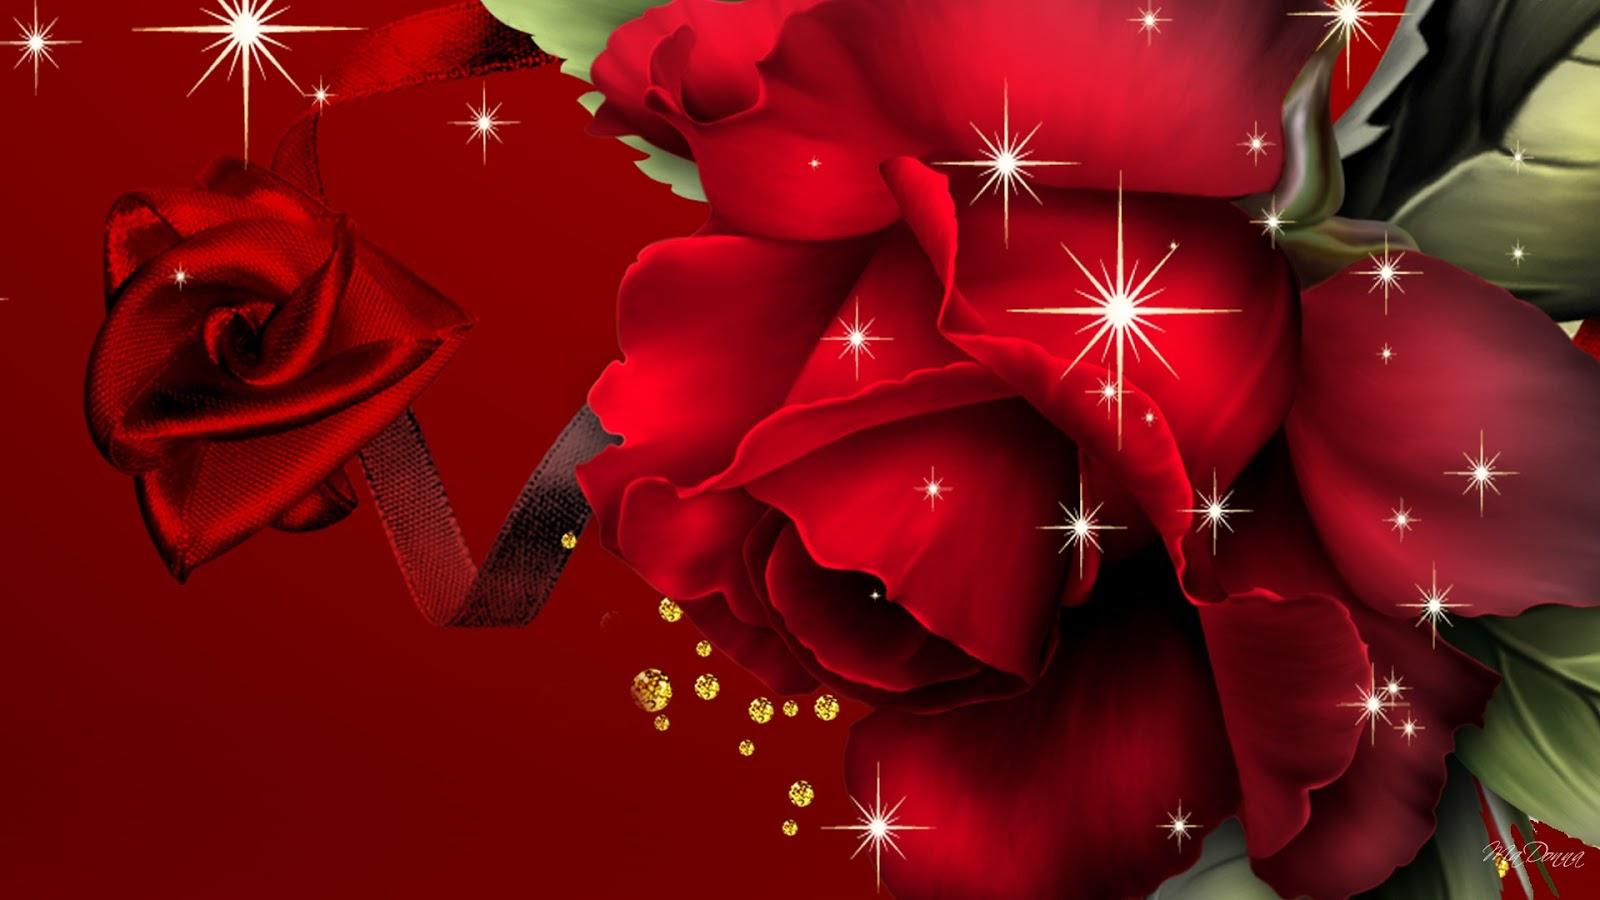 Wallpaper Of Rose